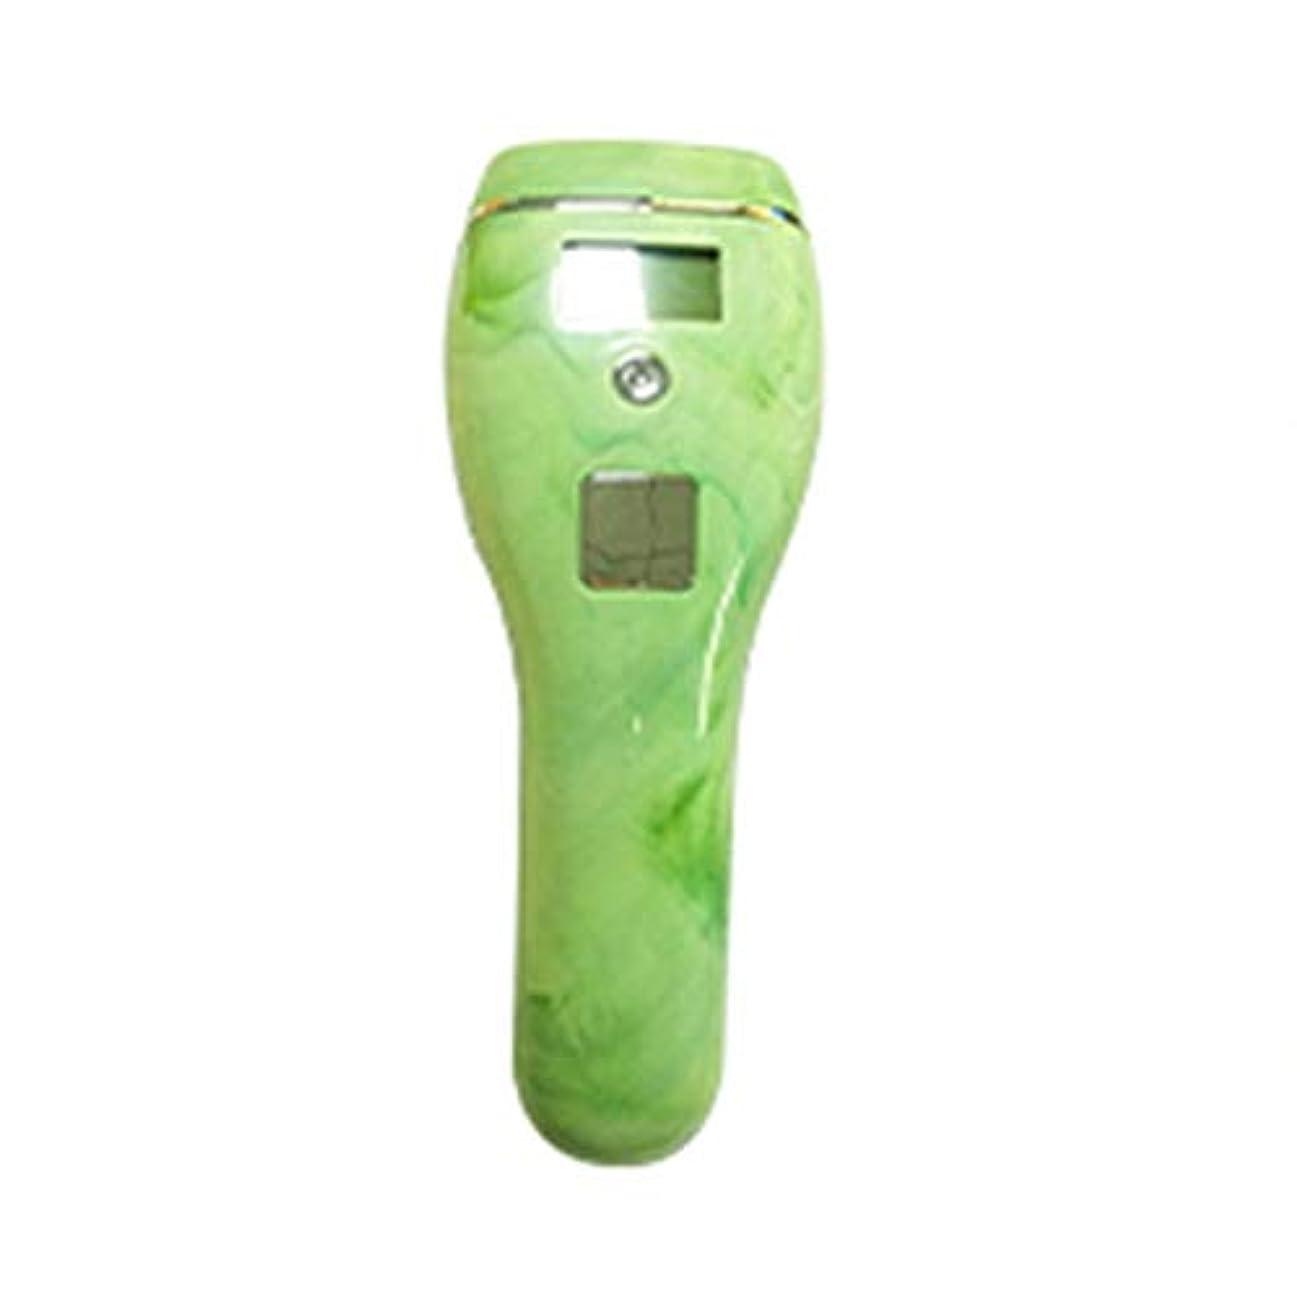 入射禁じるミネラルダパイ 自動肌のカラーセンシング、グリーン、5速調整、クォーツチューブ、携帯用痛みのない全身凍結乾燥用除湿器、サイズ19x7x5cm U546 (Color : Green)